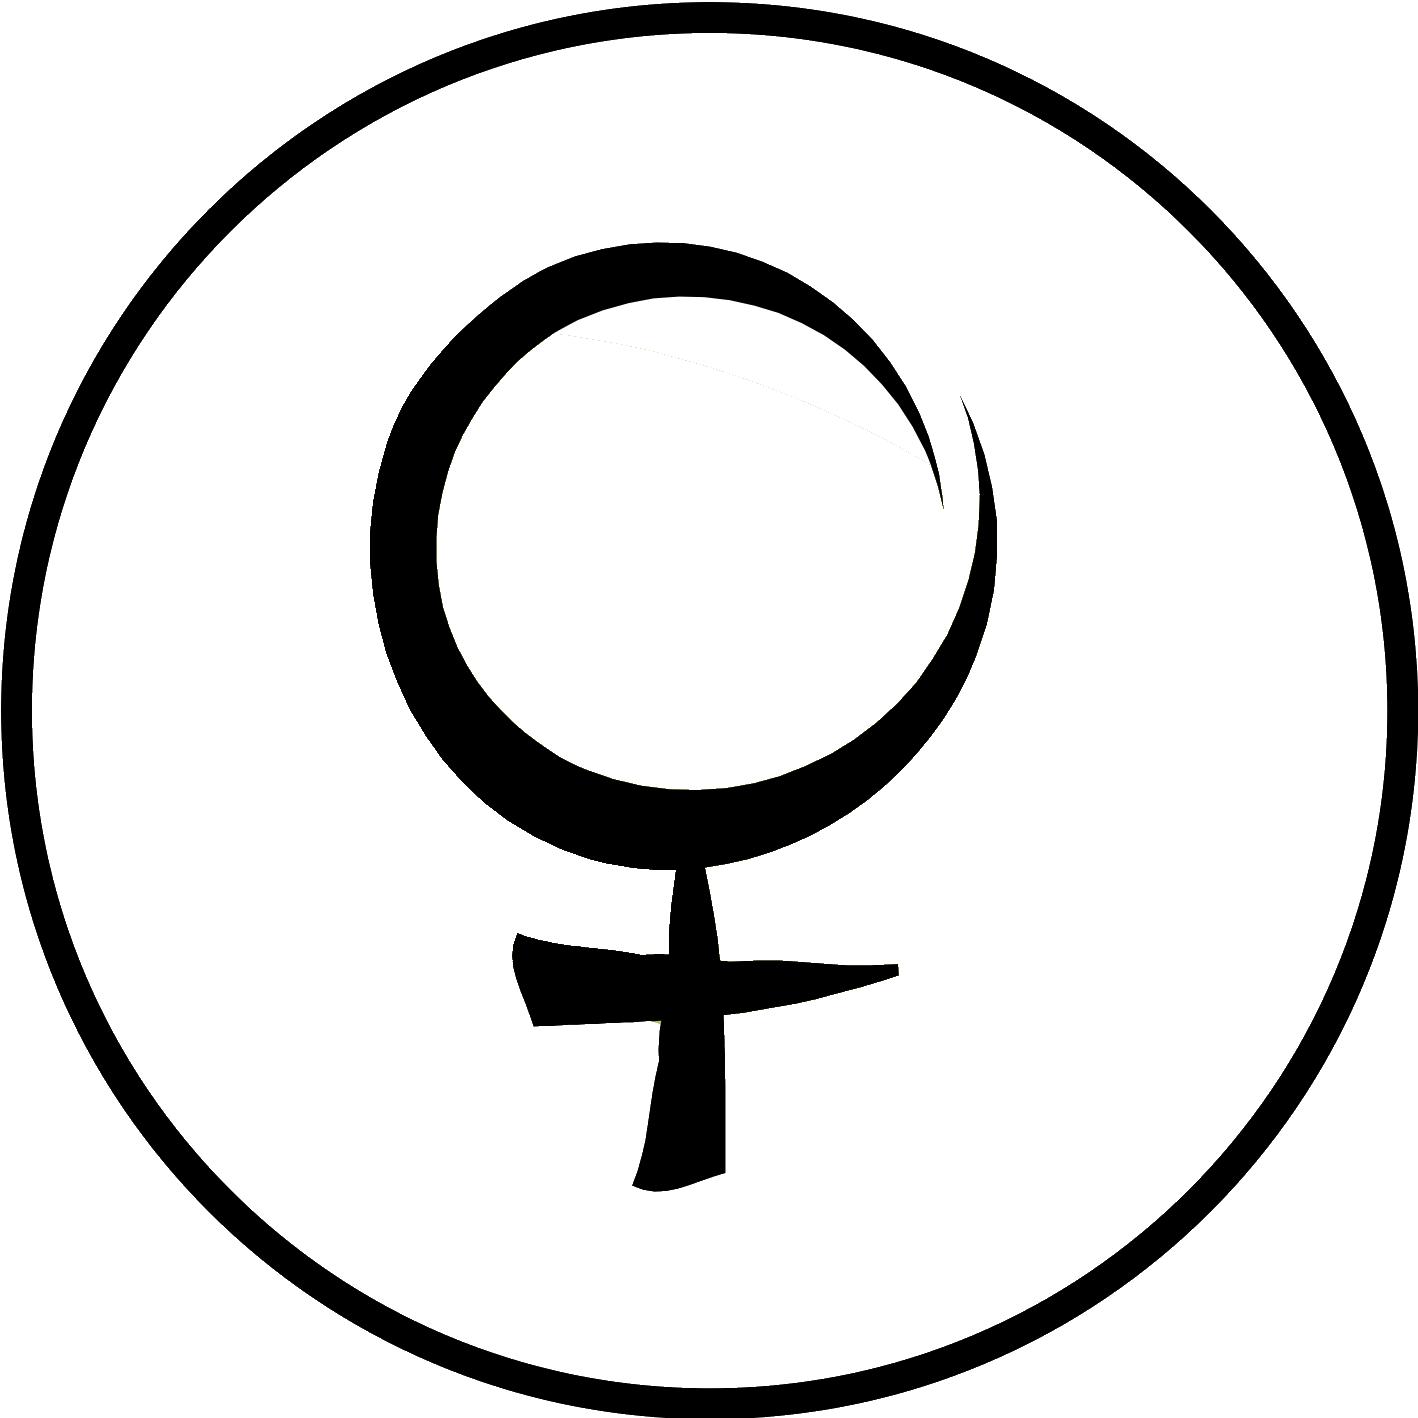 Il simbolo della donna dentro un cerchio